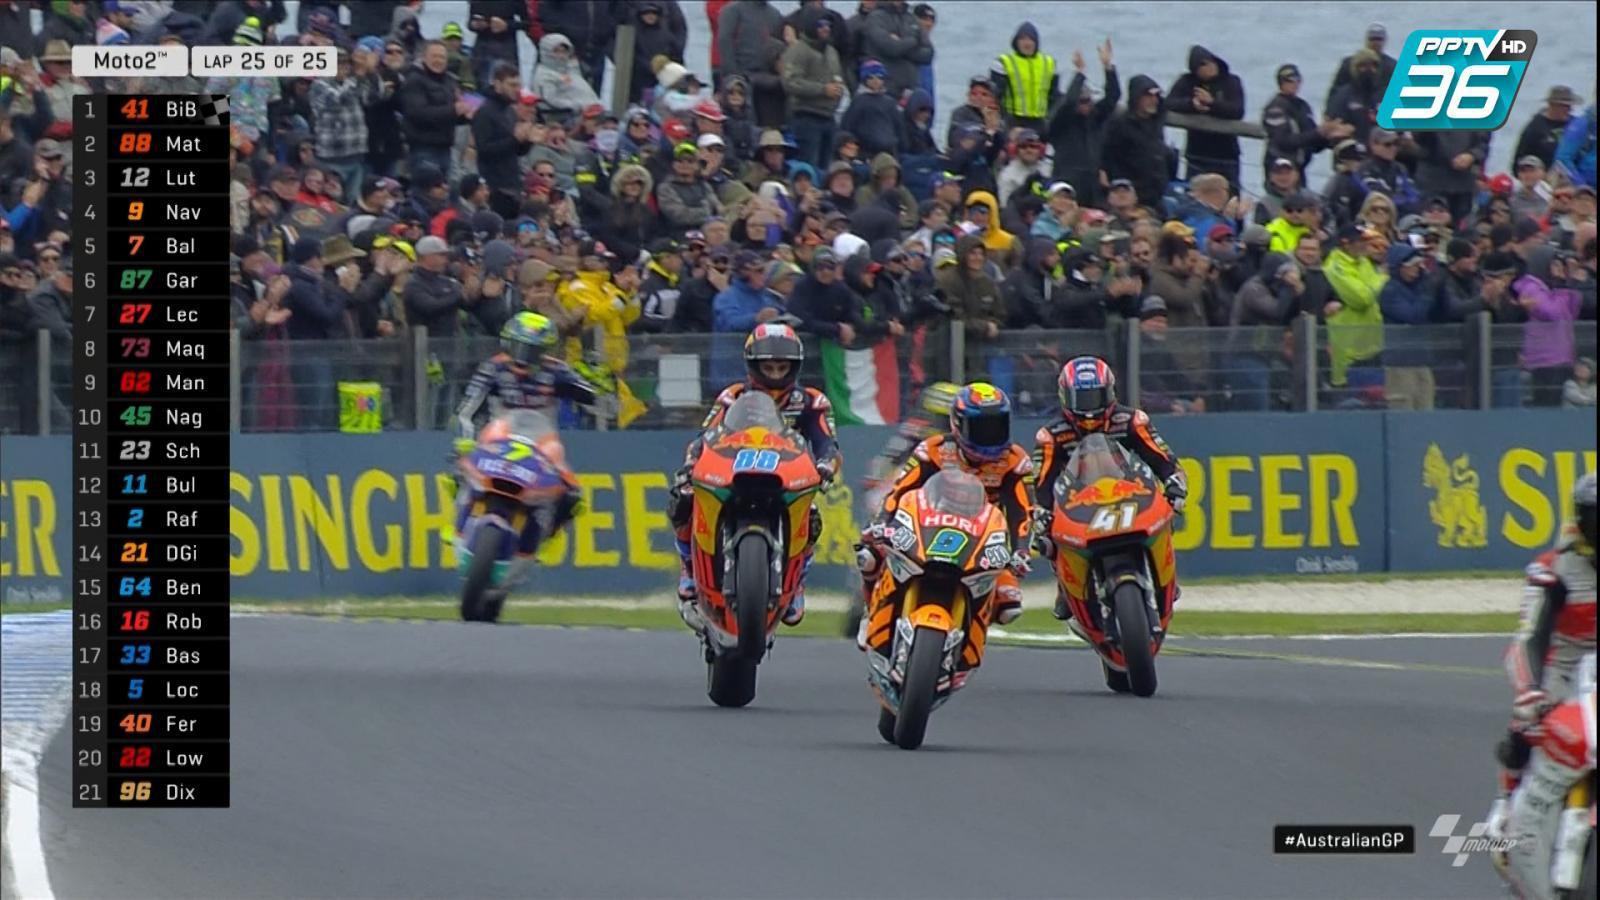 จบการแข่งสนามที่ 17 ในรุ่น Moto2 อันดับ 1 Brad Binder อันดับ 2 Jorge Martin และอันดับ 3 Thomas Luthi